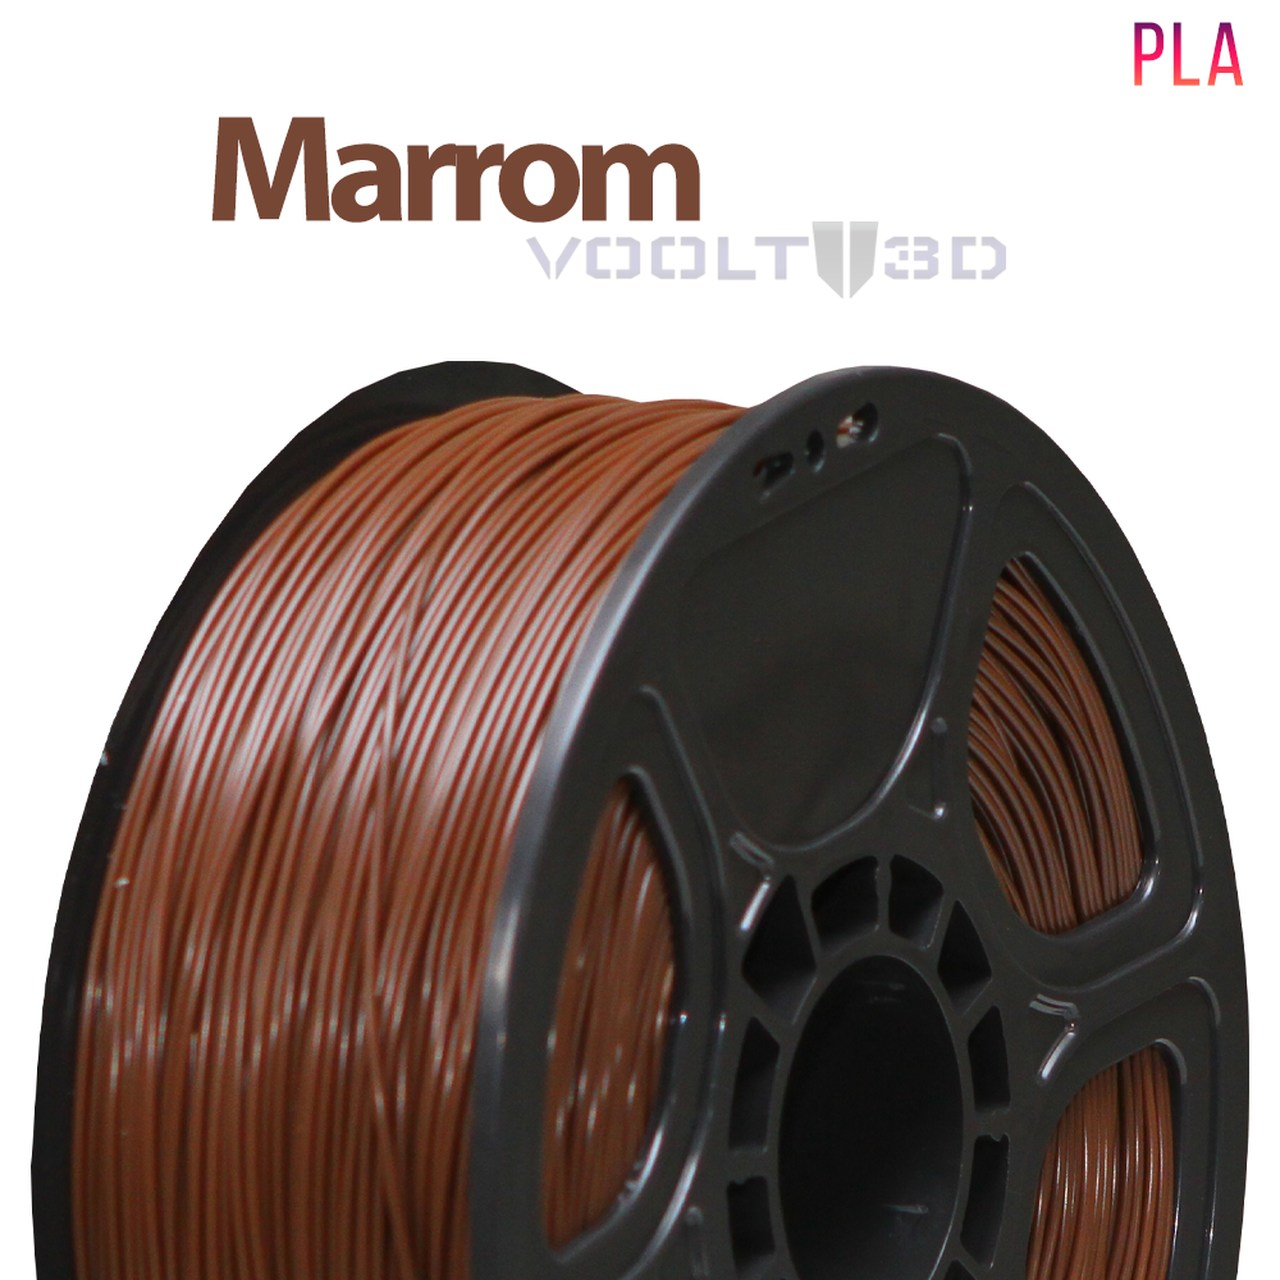 Filamento PLA - Marrom - Voolt - 1.75mm - 1kg